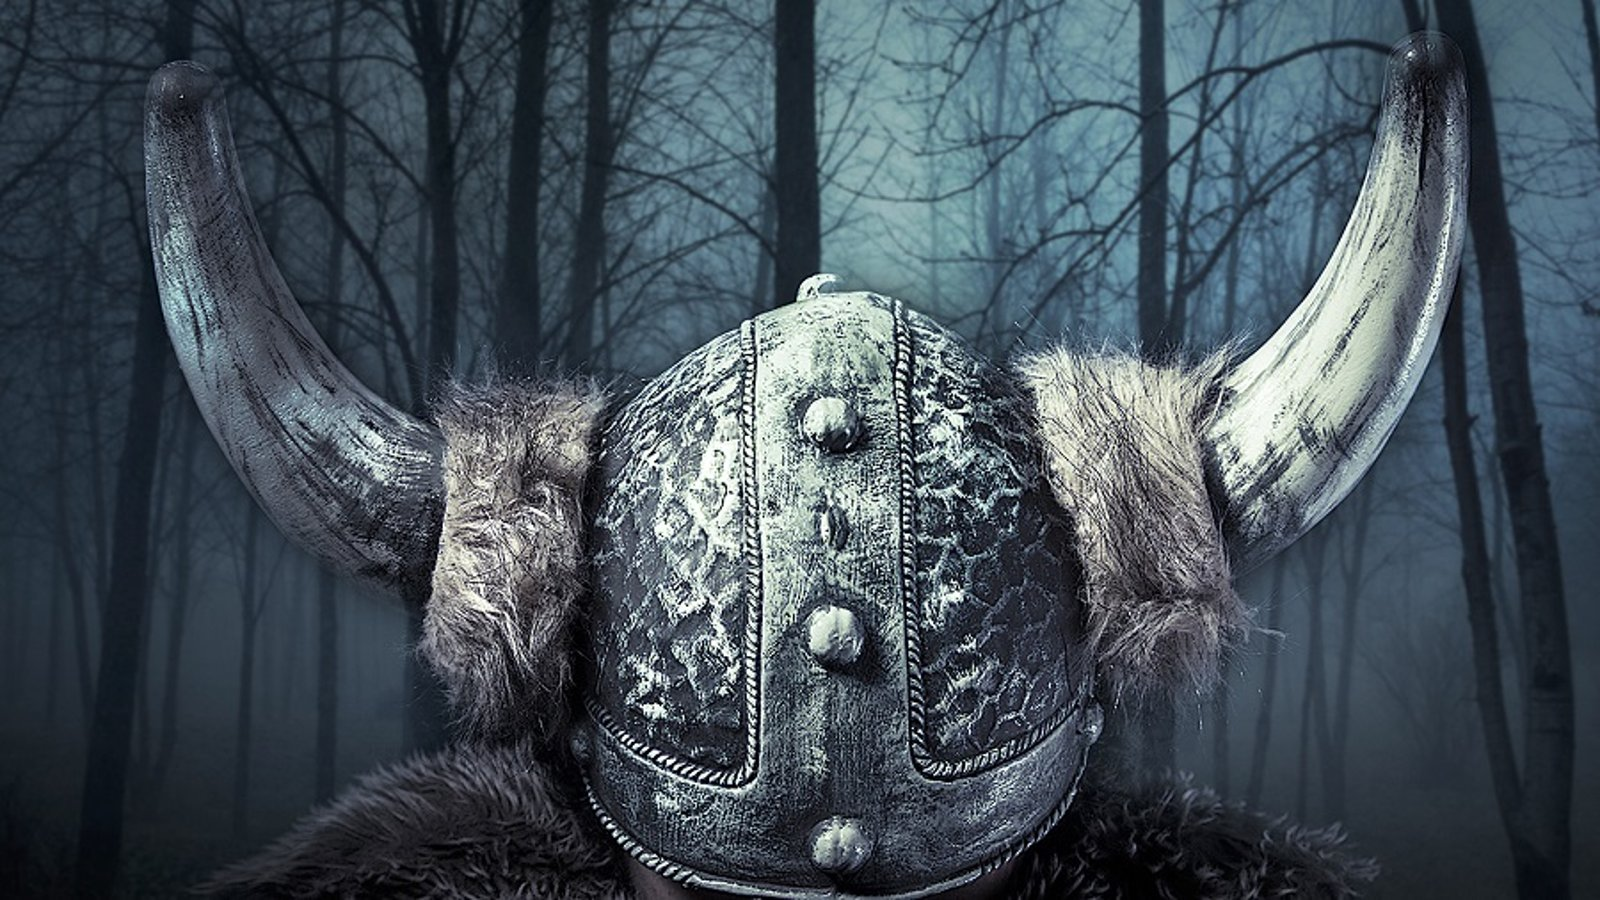 Beowulf--A Hero with Hidden Depths